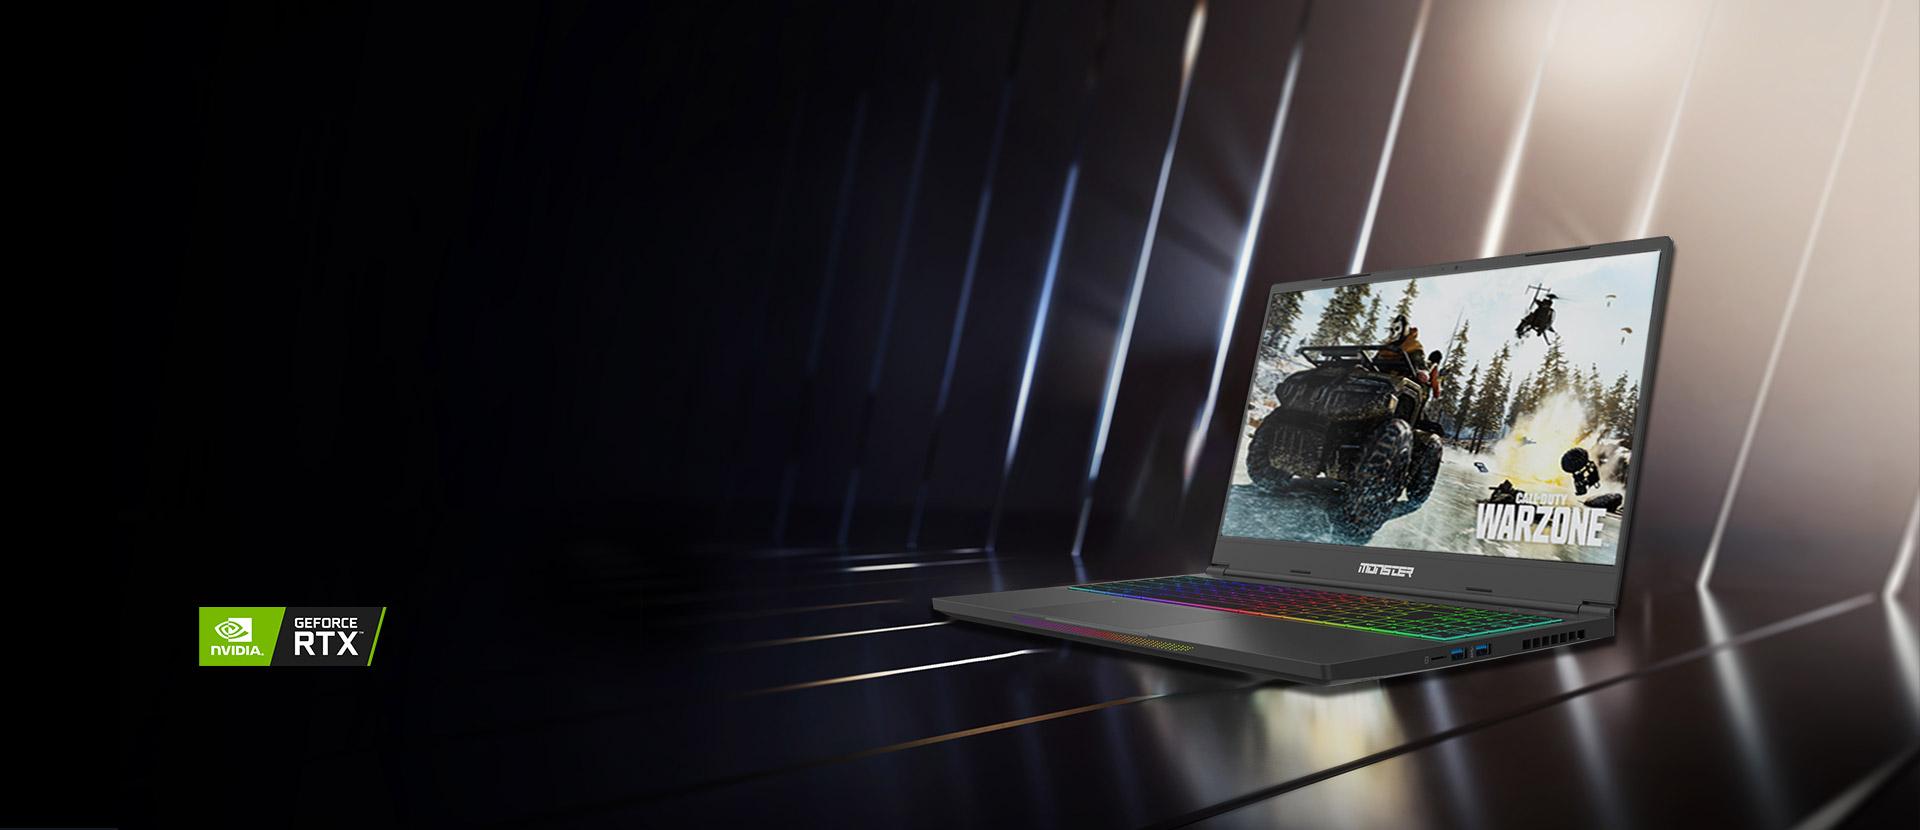 Monster Notebook TULPAR T5 V21.4.1